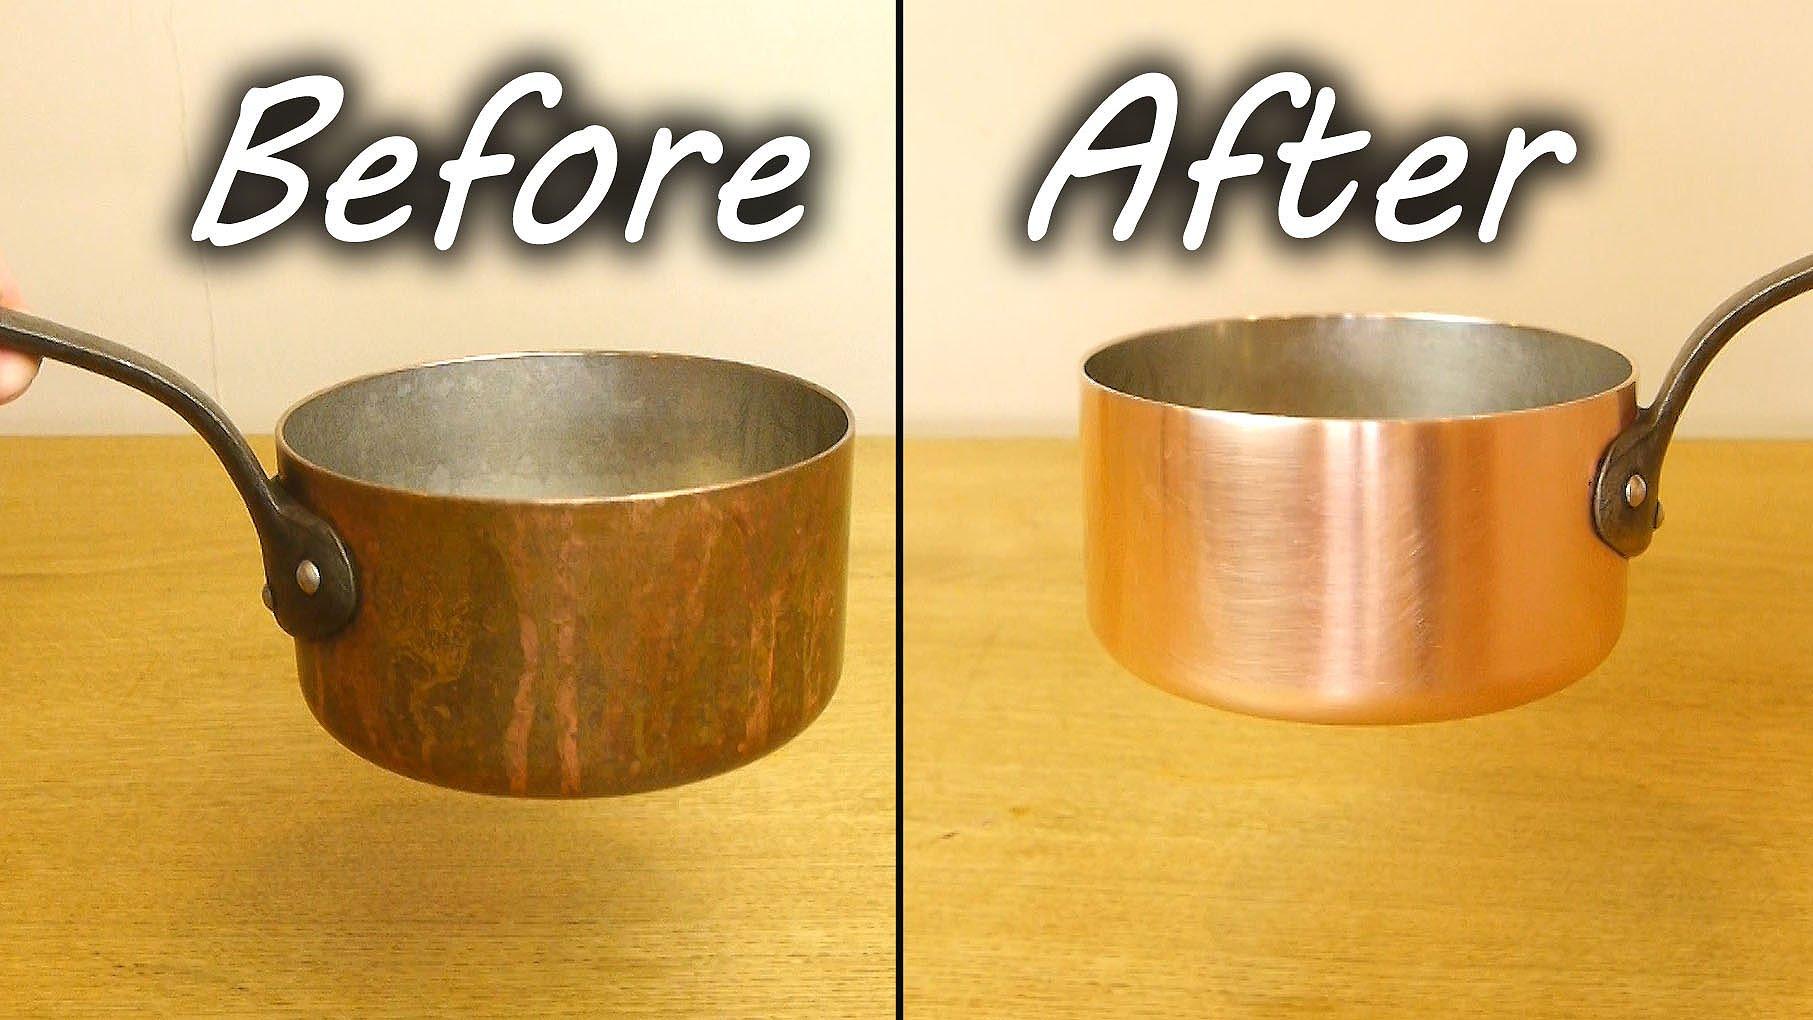 「生活小妙招:銅製品重新亮晶晶」- How to Clean a Copper Pan